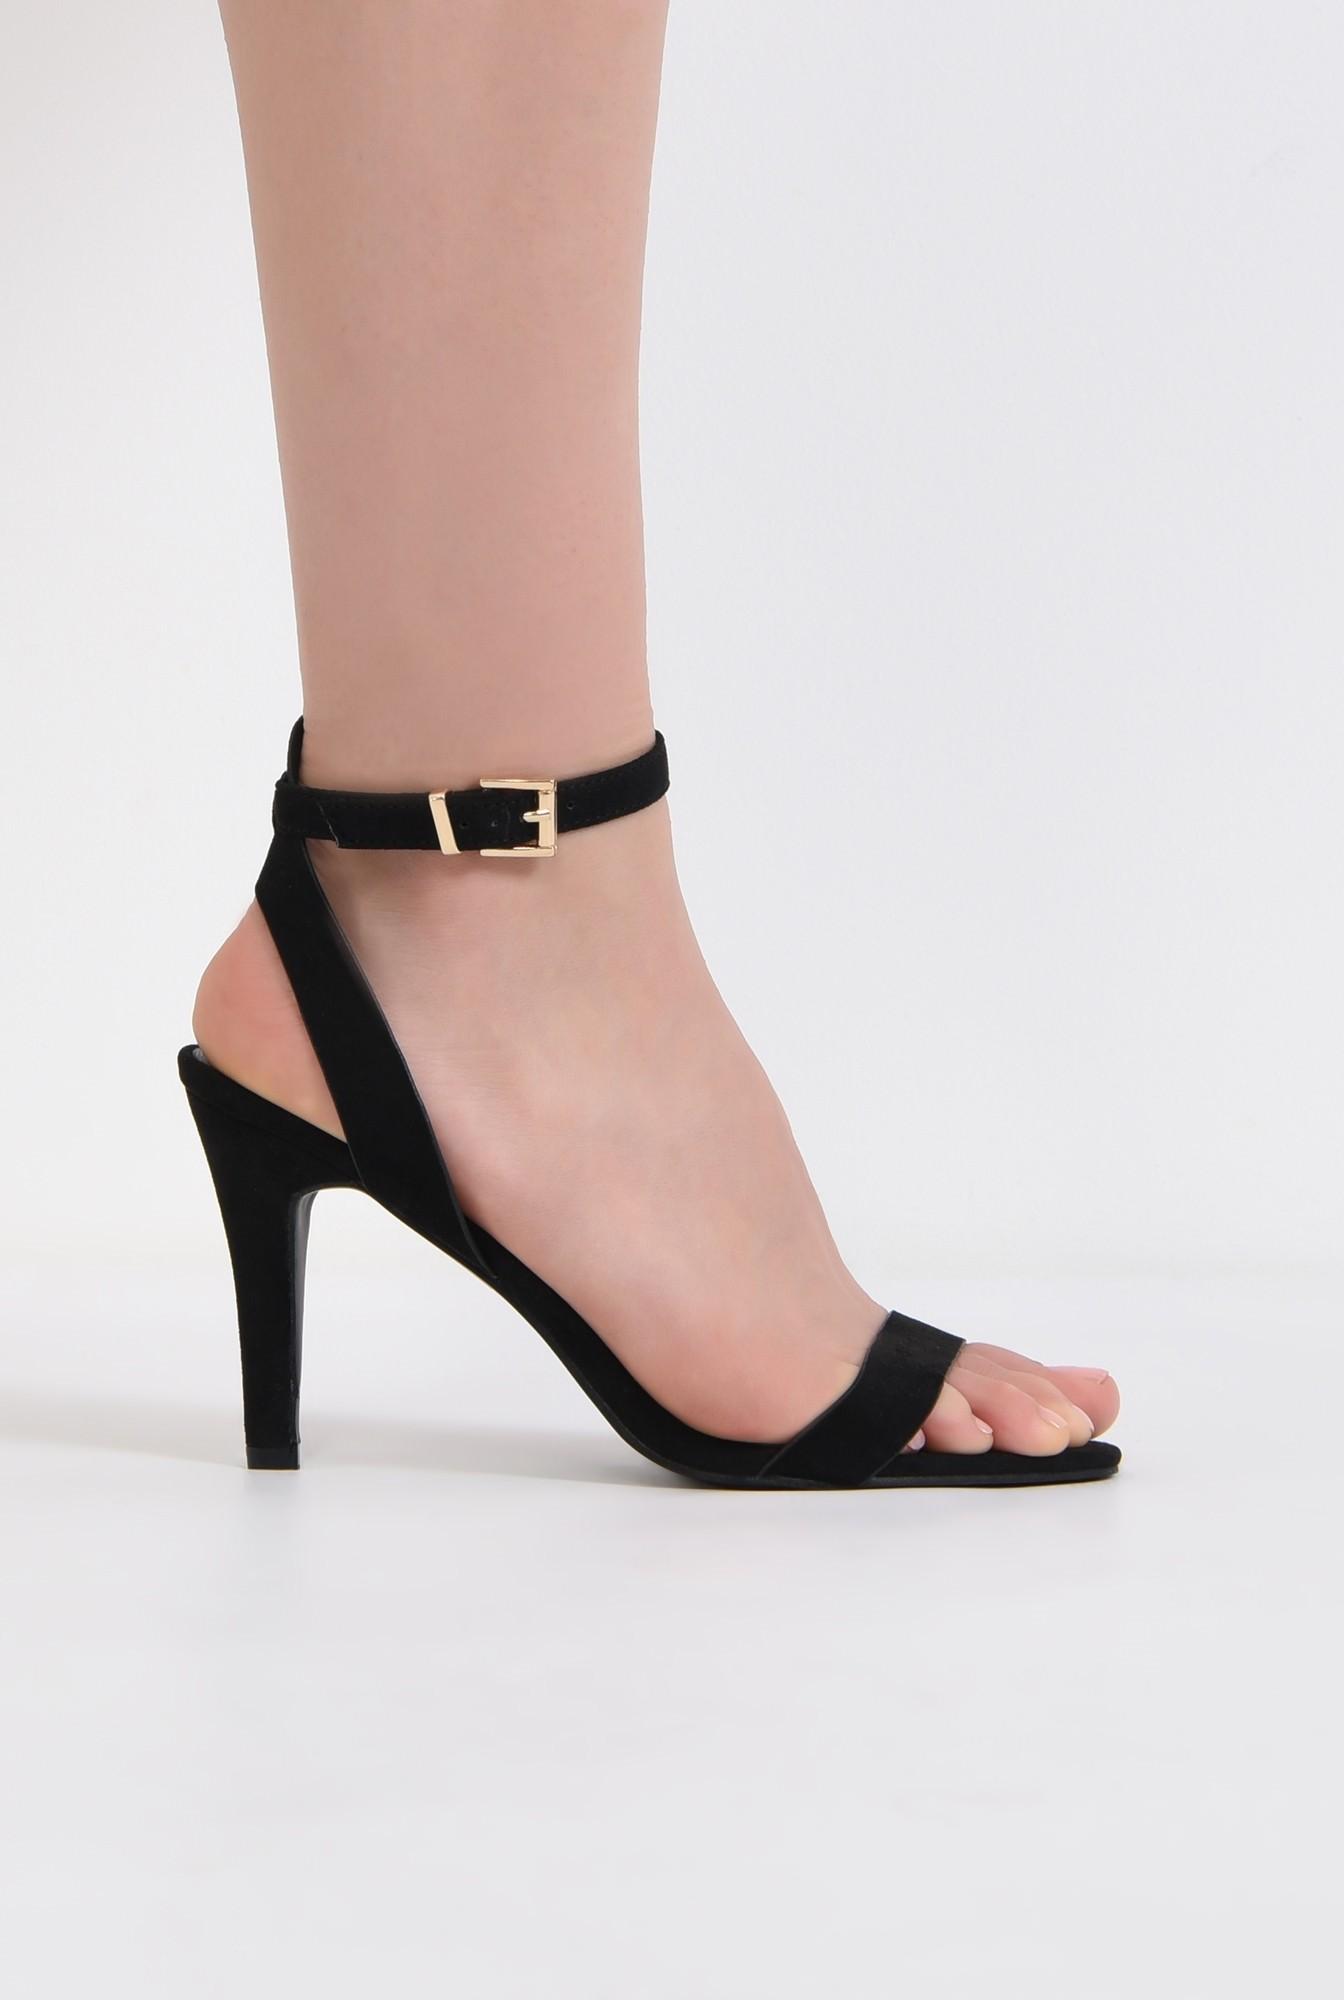 0 - sandale casual, toc subtire, bareta la glezna, negru